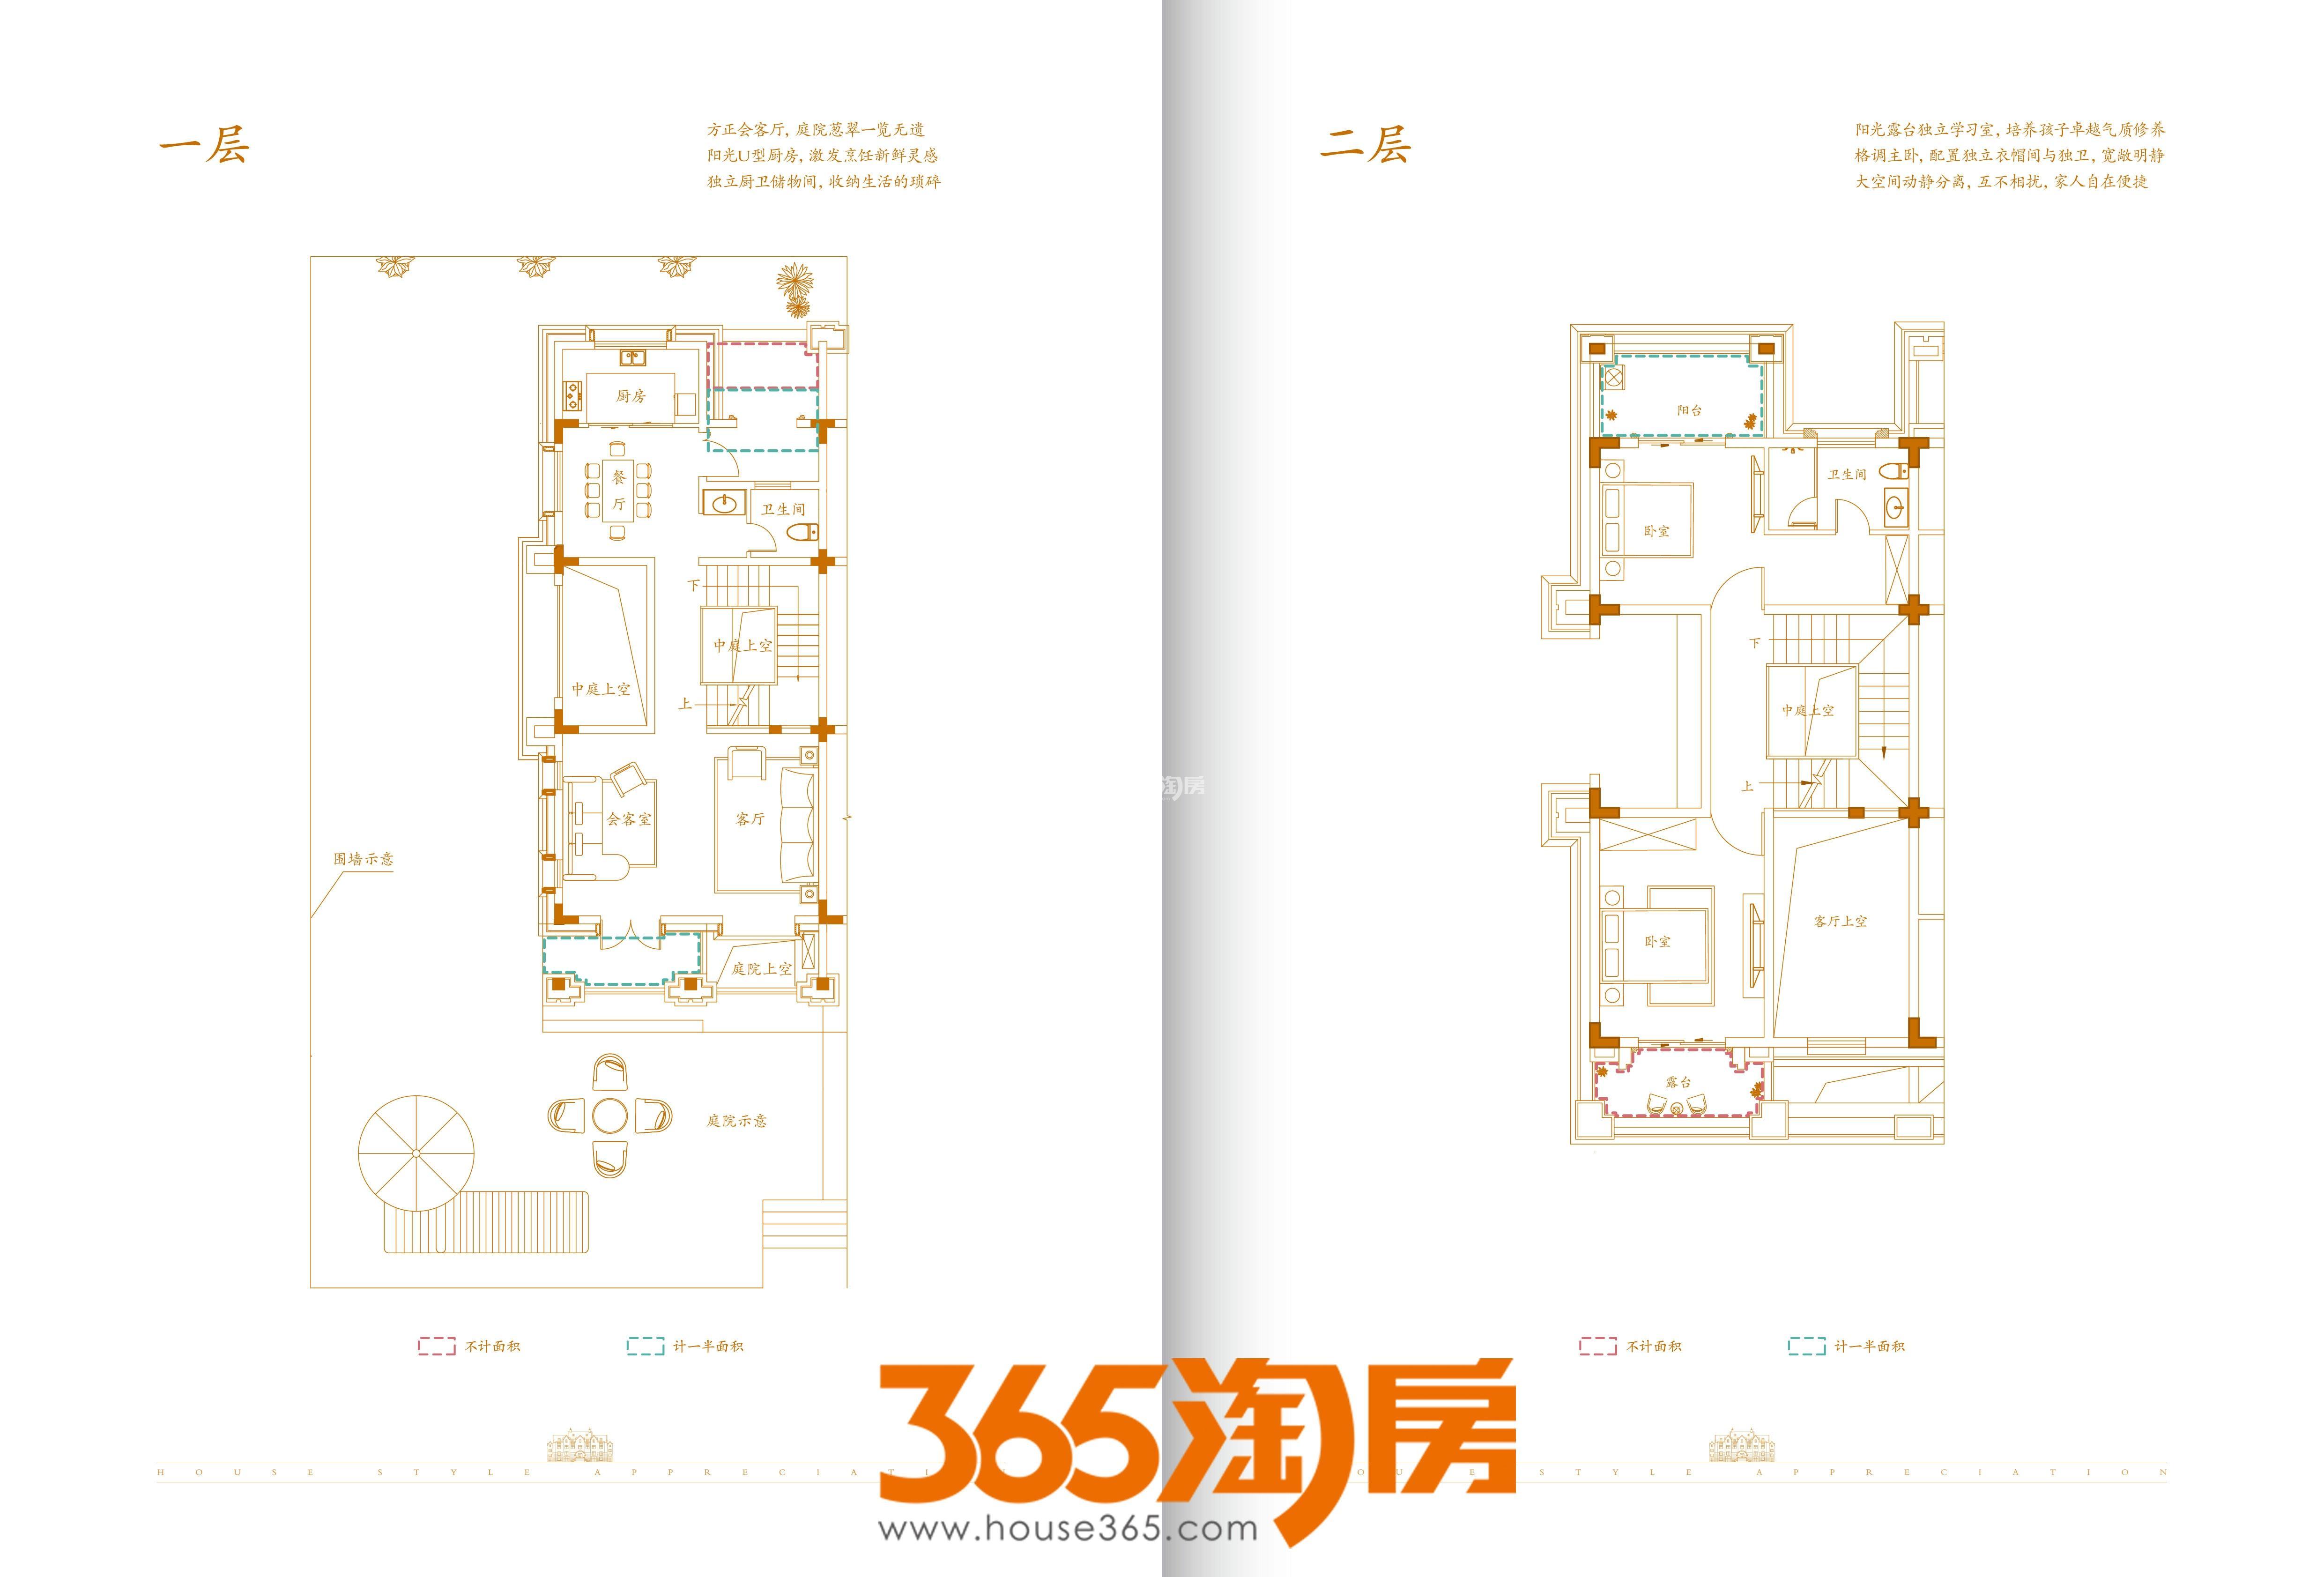 合肥云谷别墅339㎡一层二层A户型图